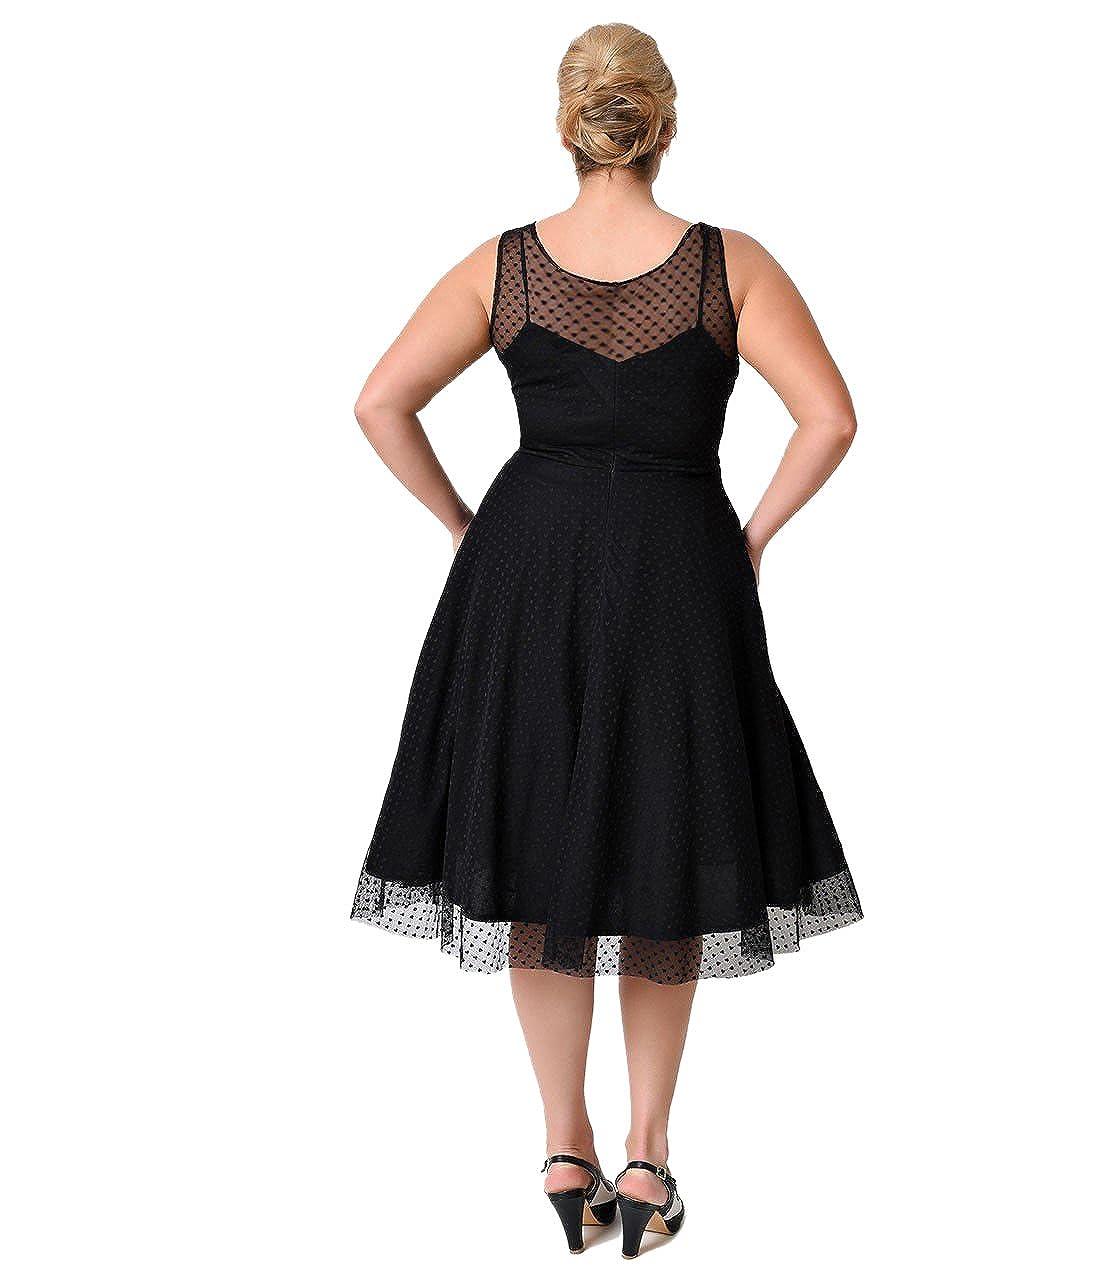 Oriention Damen Kleid schwarz schwarz XXL Gr. 28, schwarz: Amazon.de ...